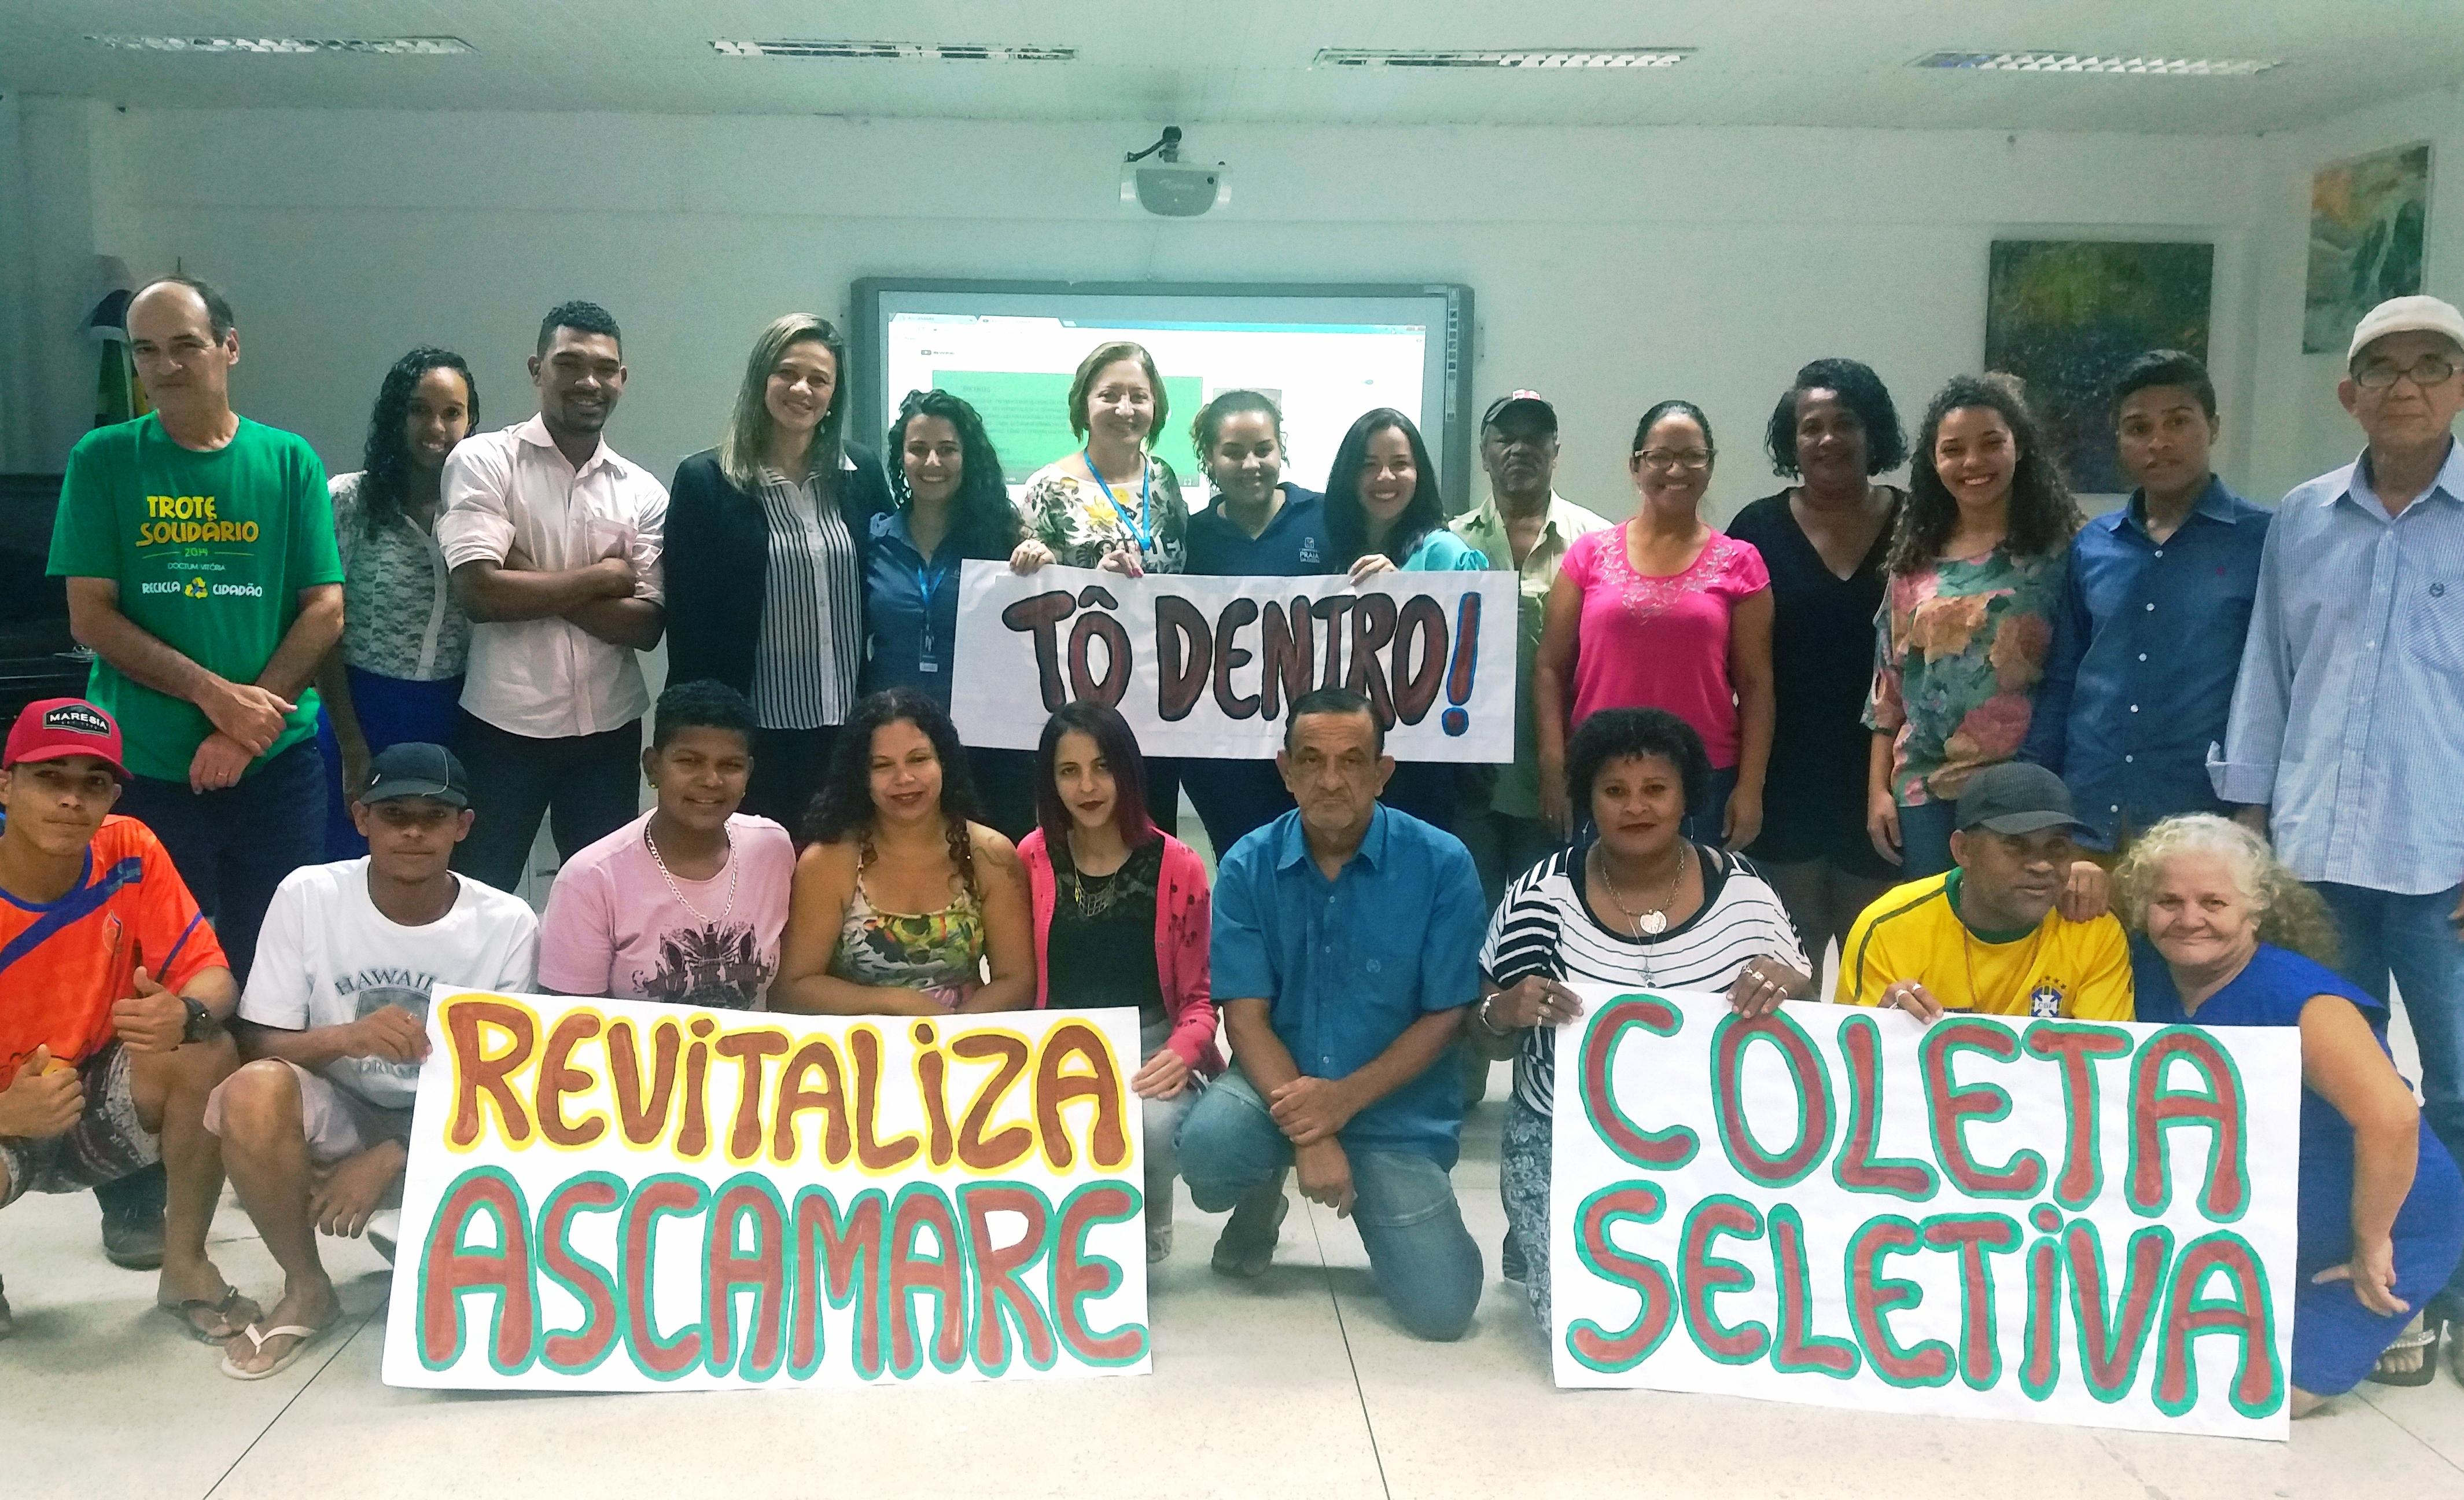 Unidade Vitória realizada Bazar Solidário para membros da Ascamare